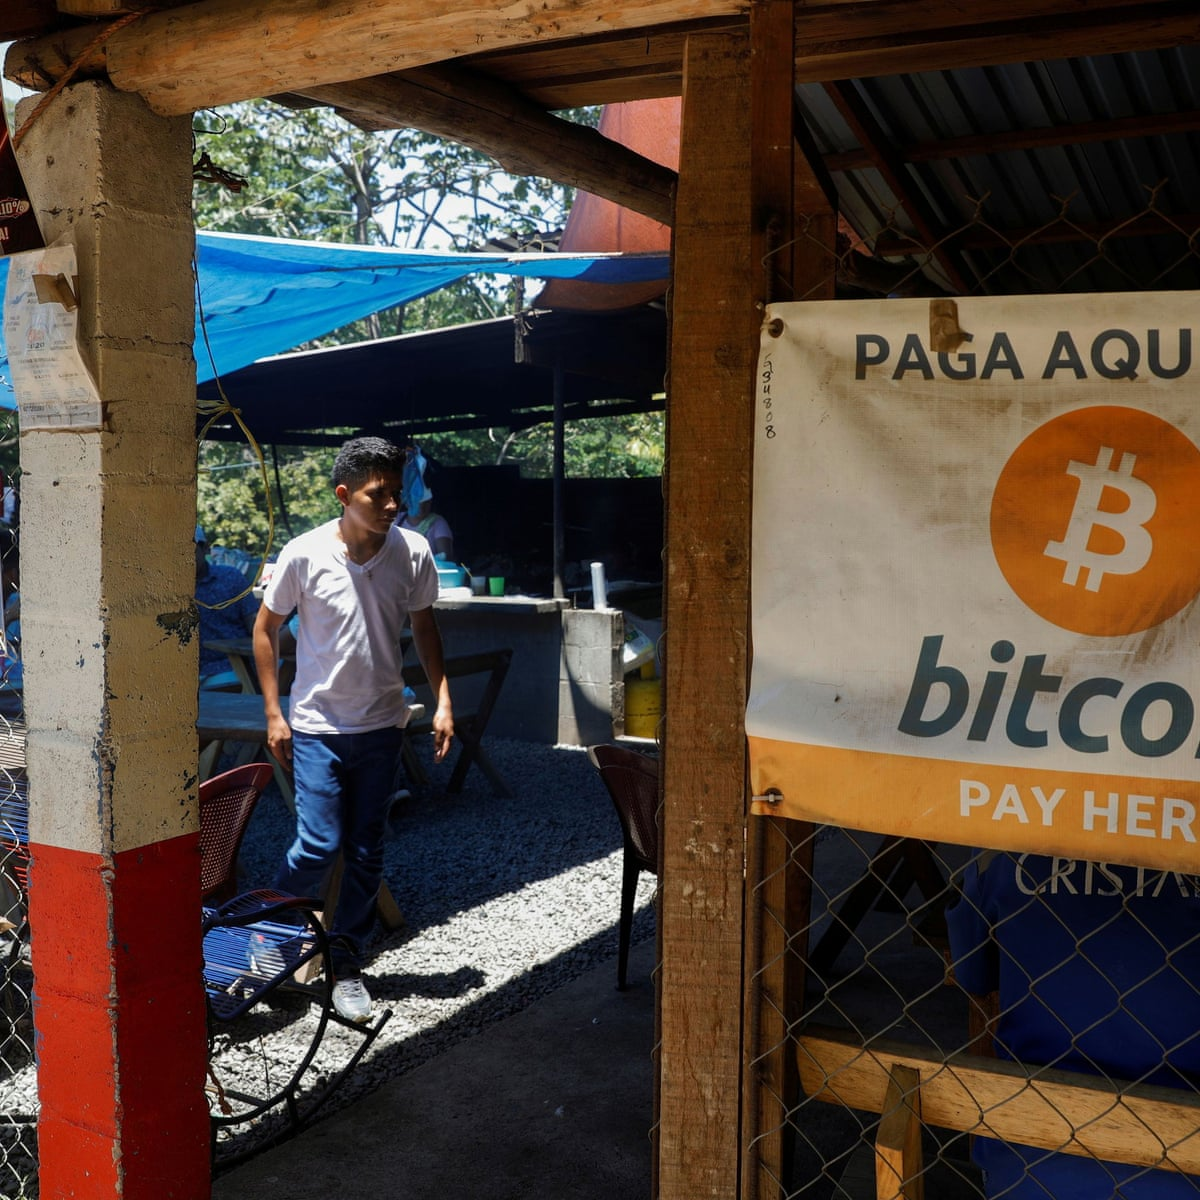 investește în bitcoin este legal să investiți în criptomonede în sua?